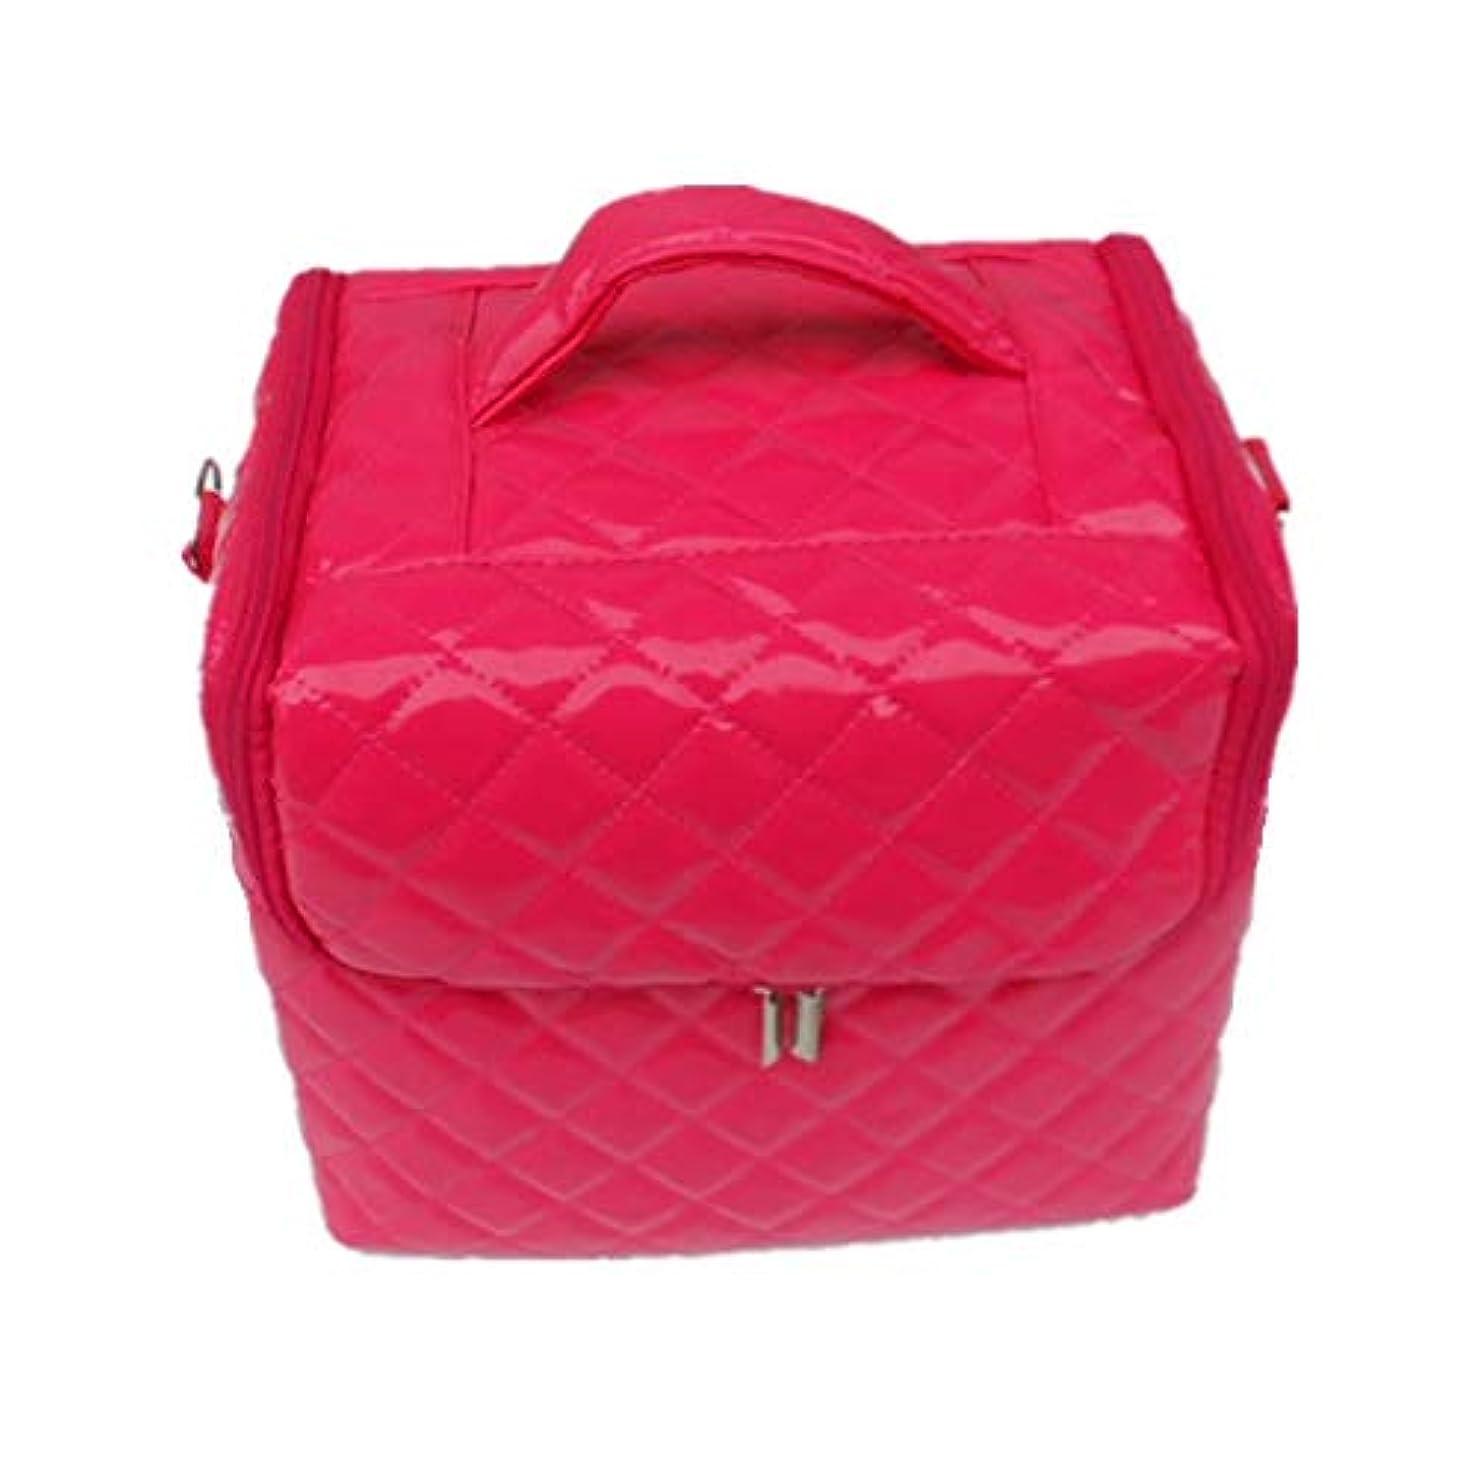 受信機相対サイズ自発化粧オーガナイザーバッグ 美容メイクアップのための大容量ポータブル化粧品バッグと女性の女性の旅行とジッパーと折り畳みトレイで毎日のストレージ用 化粧品ケース